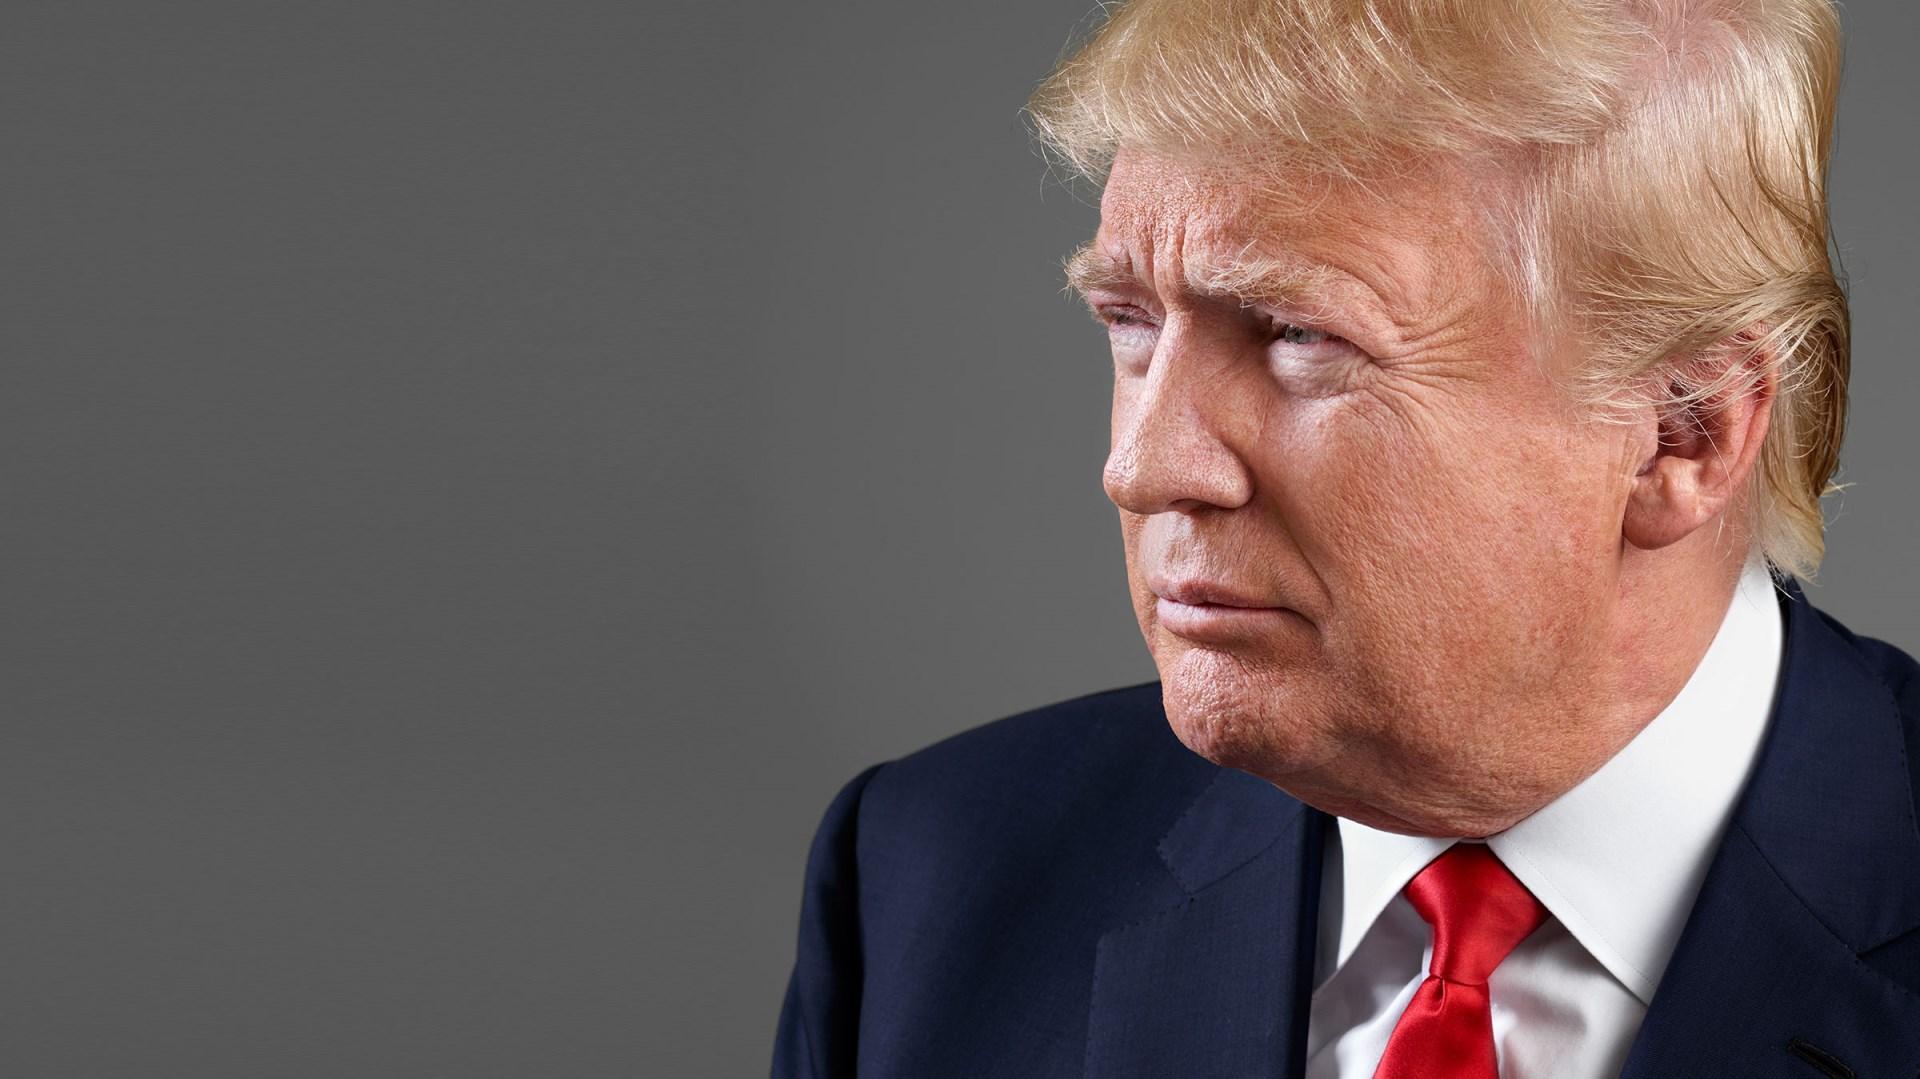 Světem se jako lavina šíří videa, na kterých se po kýblech vylévají emoce nešťastných levicových voličů neúspěšné prezidentské kandidátky Hillary Clinton. Já jen doufám, že všichni tupci, co slíbili že opustí USA pokud vyhraje Trump, svůj slib dodrží a že se dočkáme dalších zábavných scének, které nám naši jinak orientovaní spoluobčané přichystají.